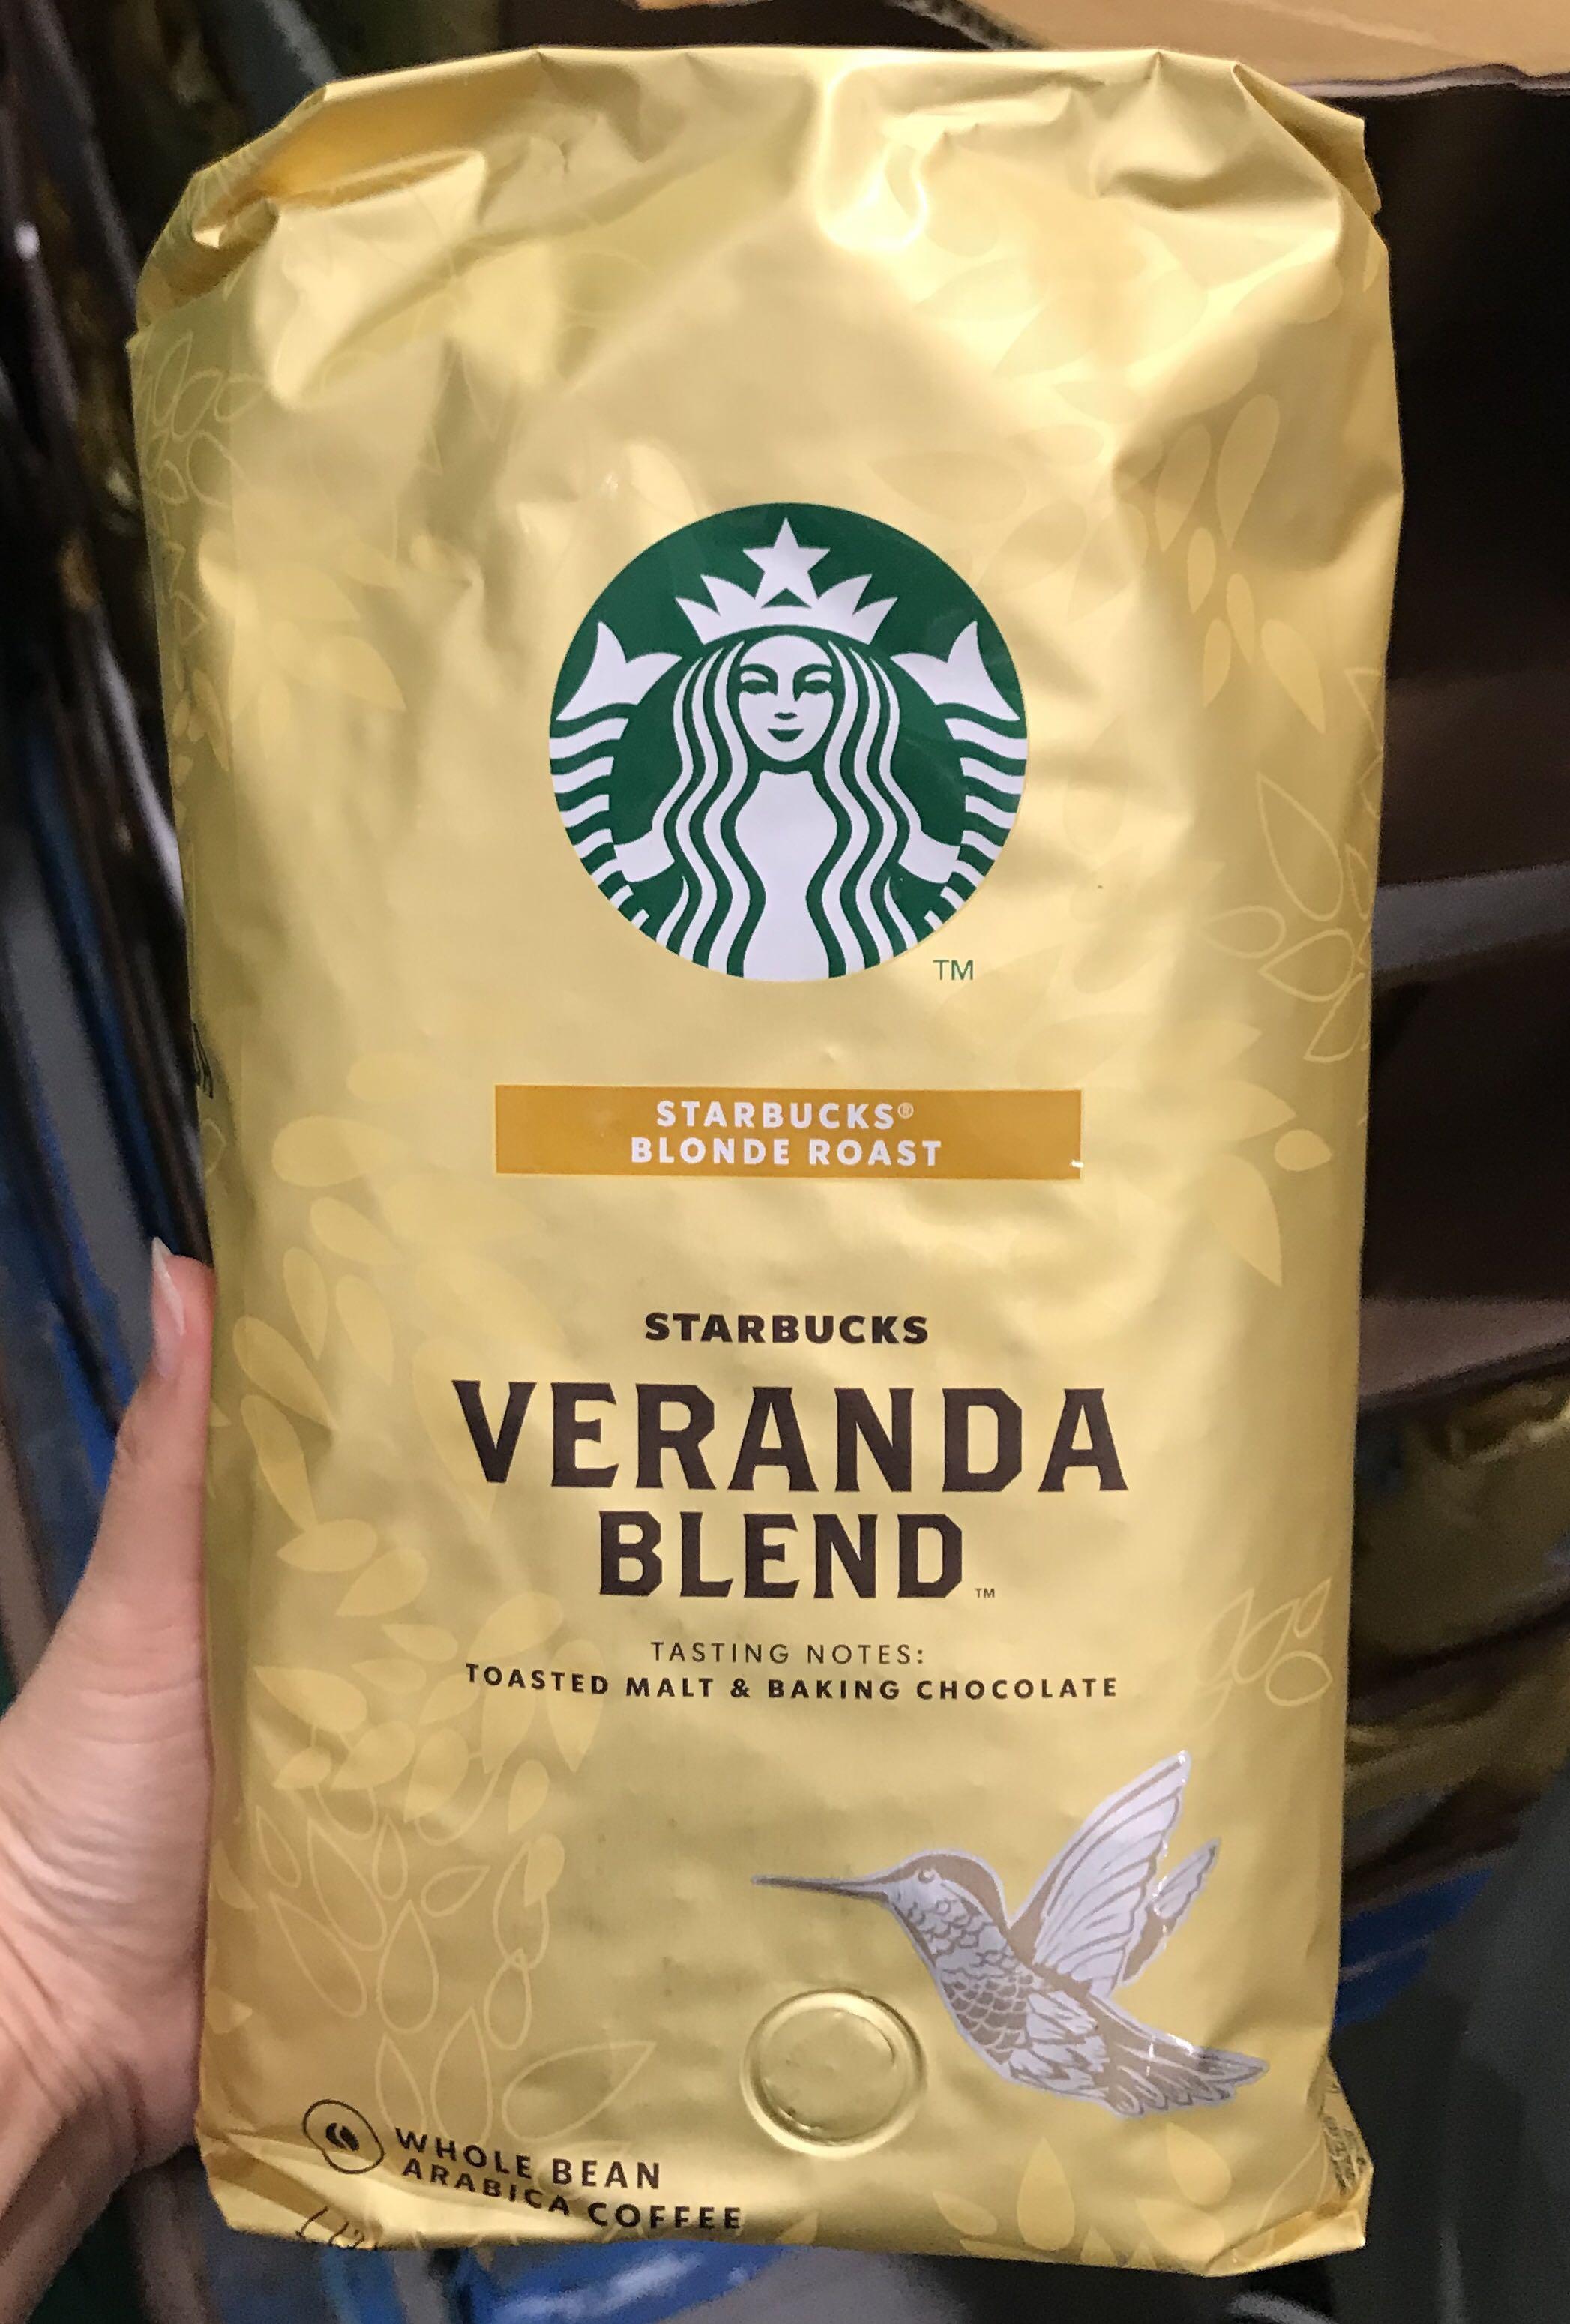 🚚宅配免運🚚 Costco好市多☕️Starbucks星巴克 黃金烘焙綜合咖啡豆 1.13kg  verandablend